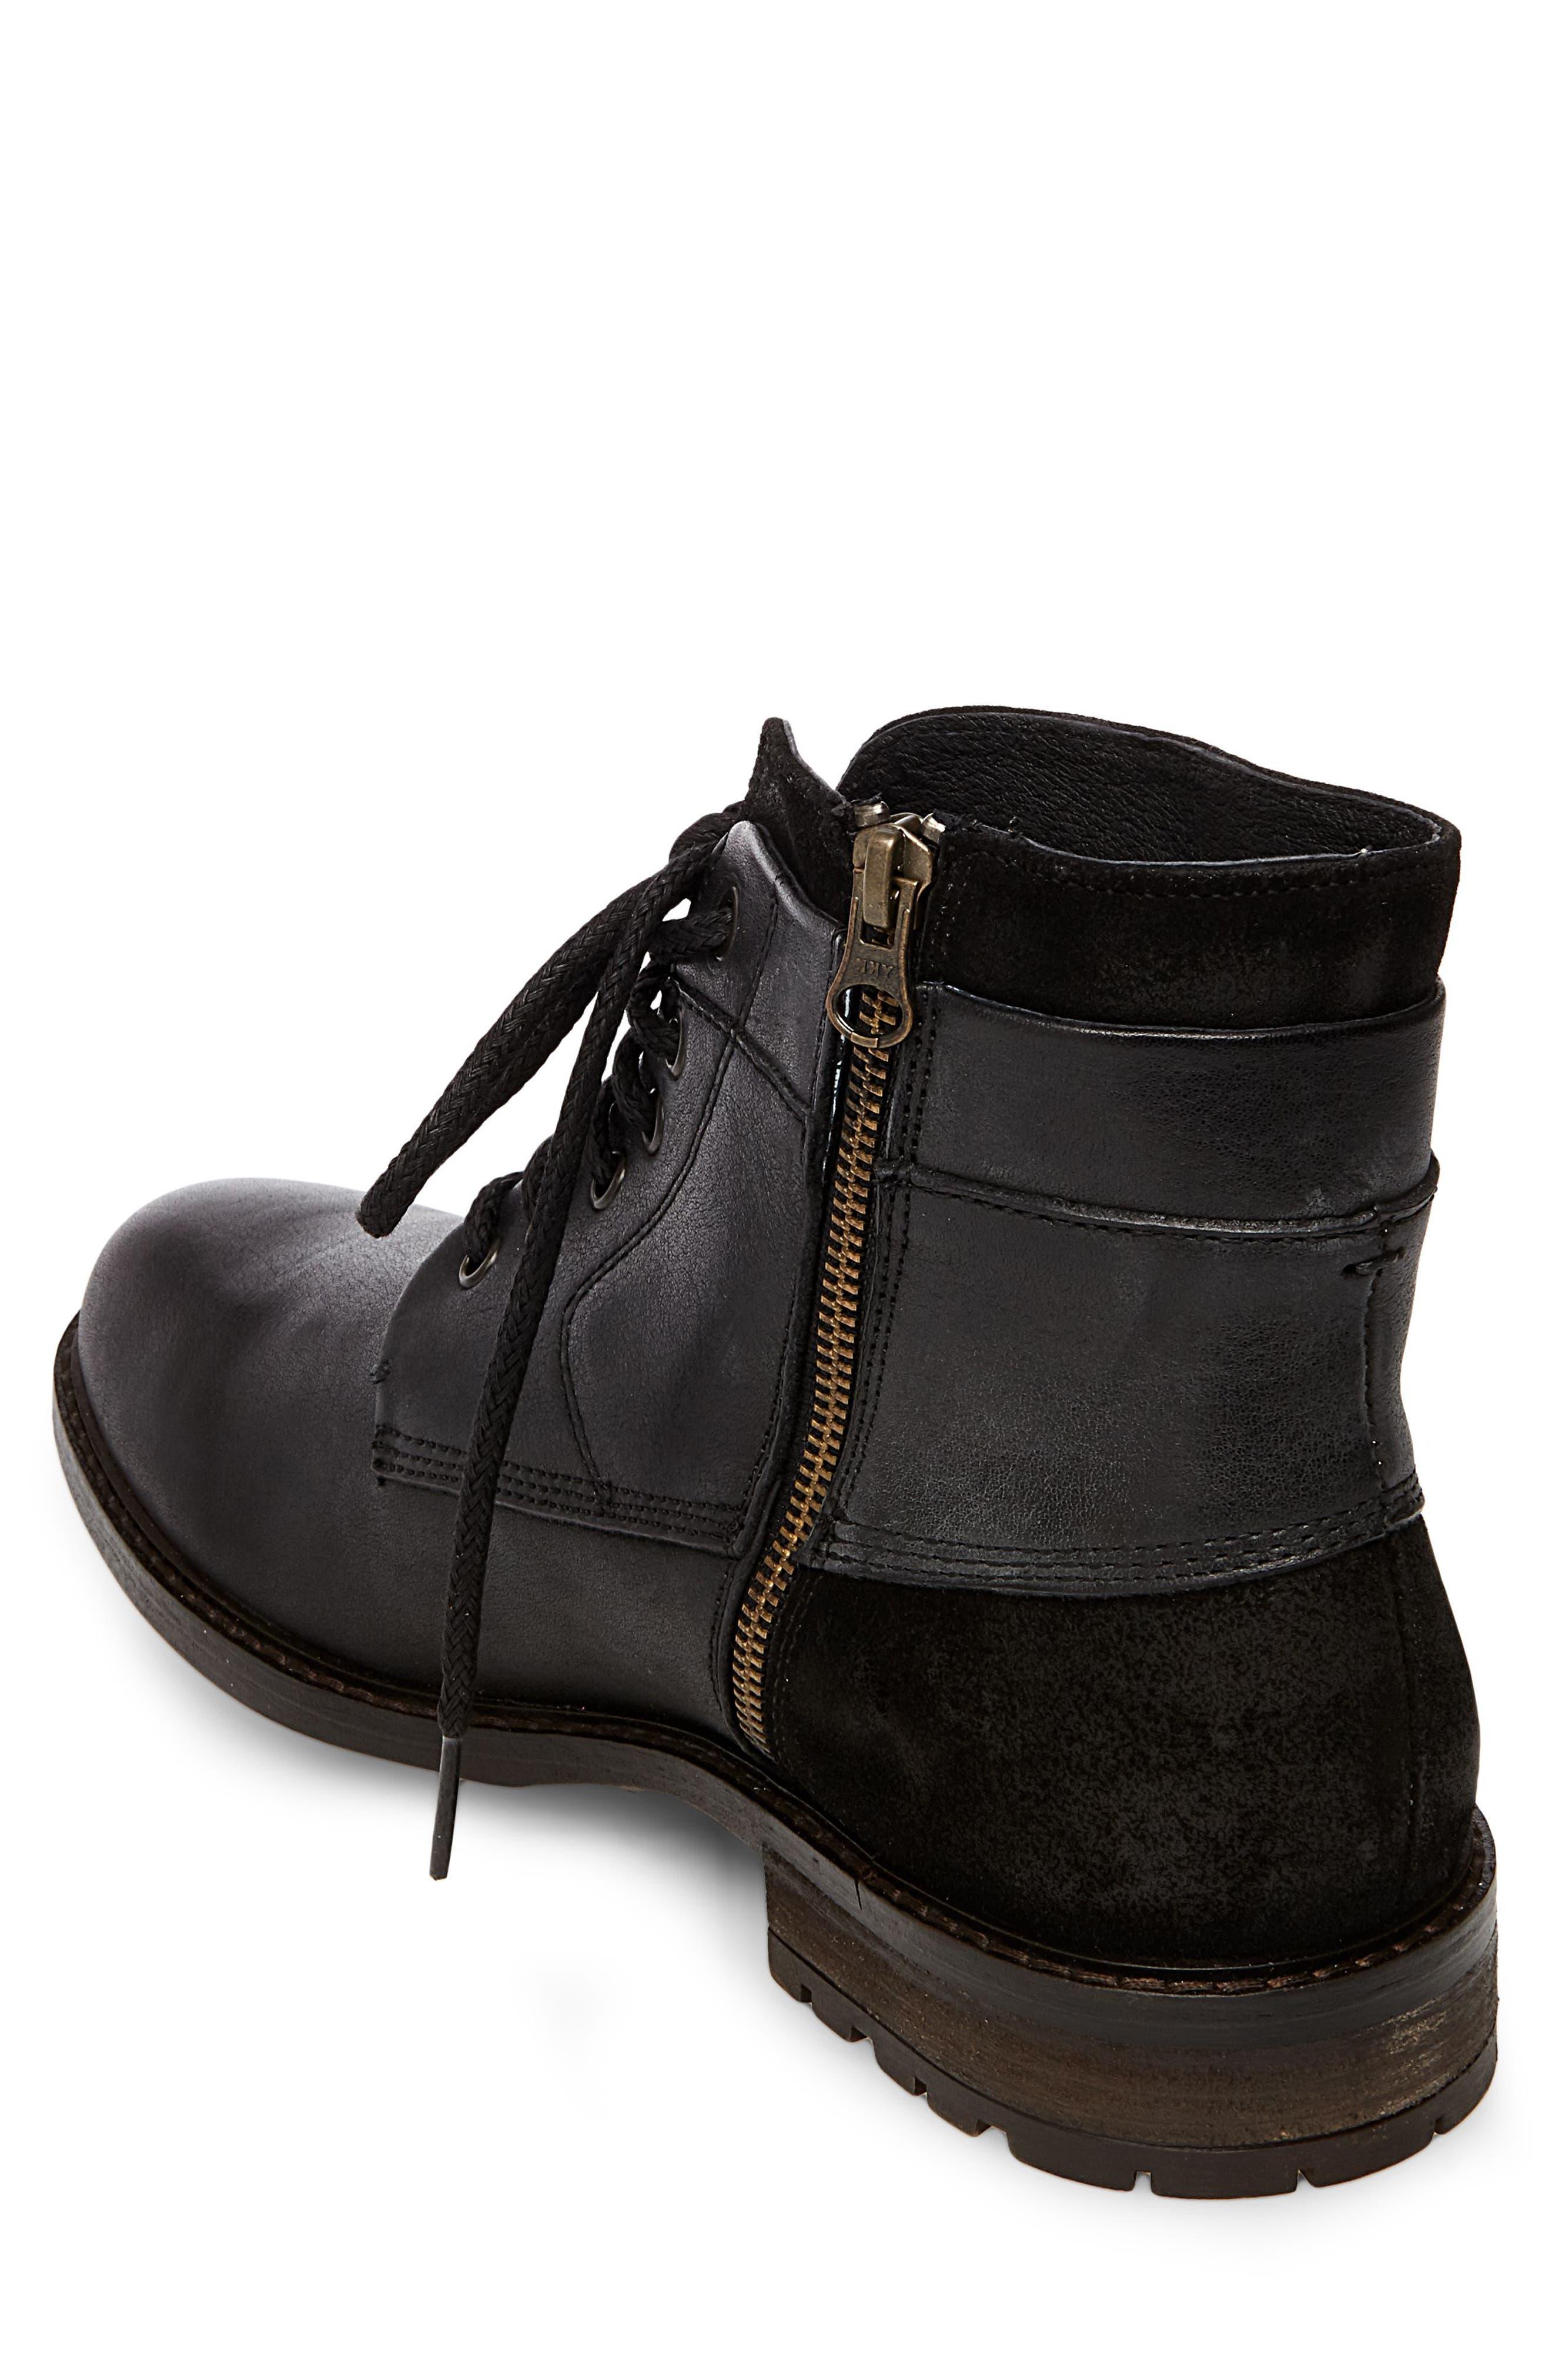 Alternate Image 2  - Steve Madden Hardin Plain Toe Boot (Men)